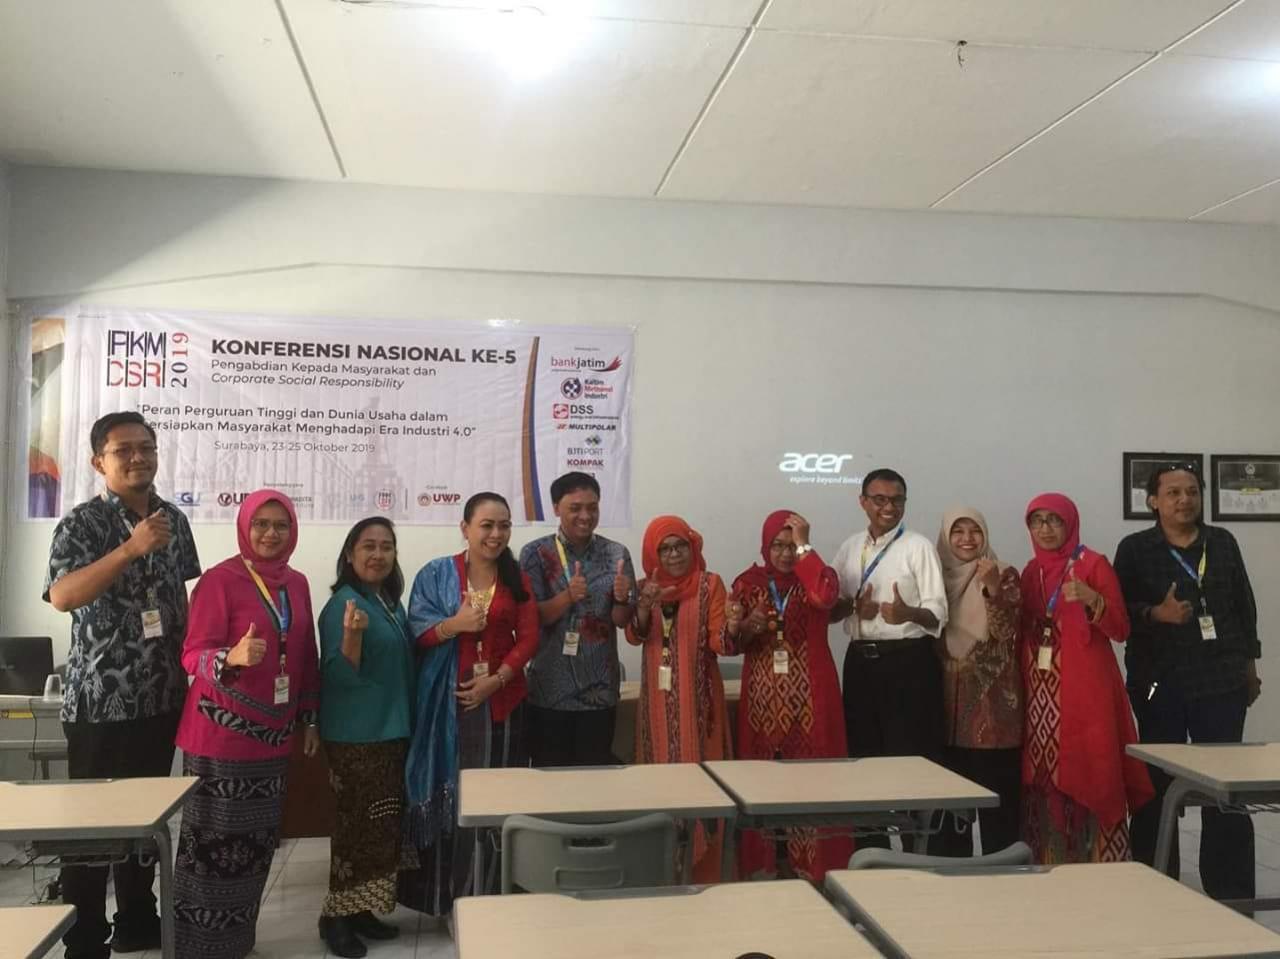 Unidha ikut PkM-CSR ke-5